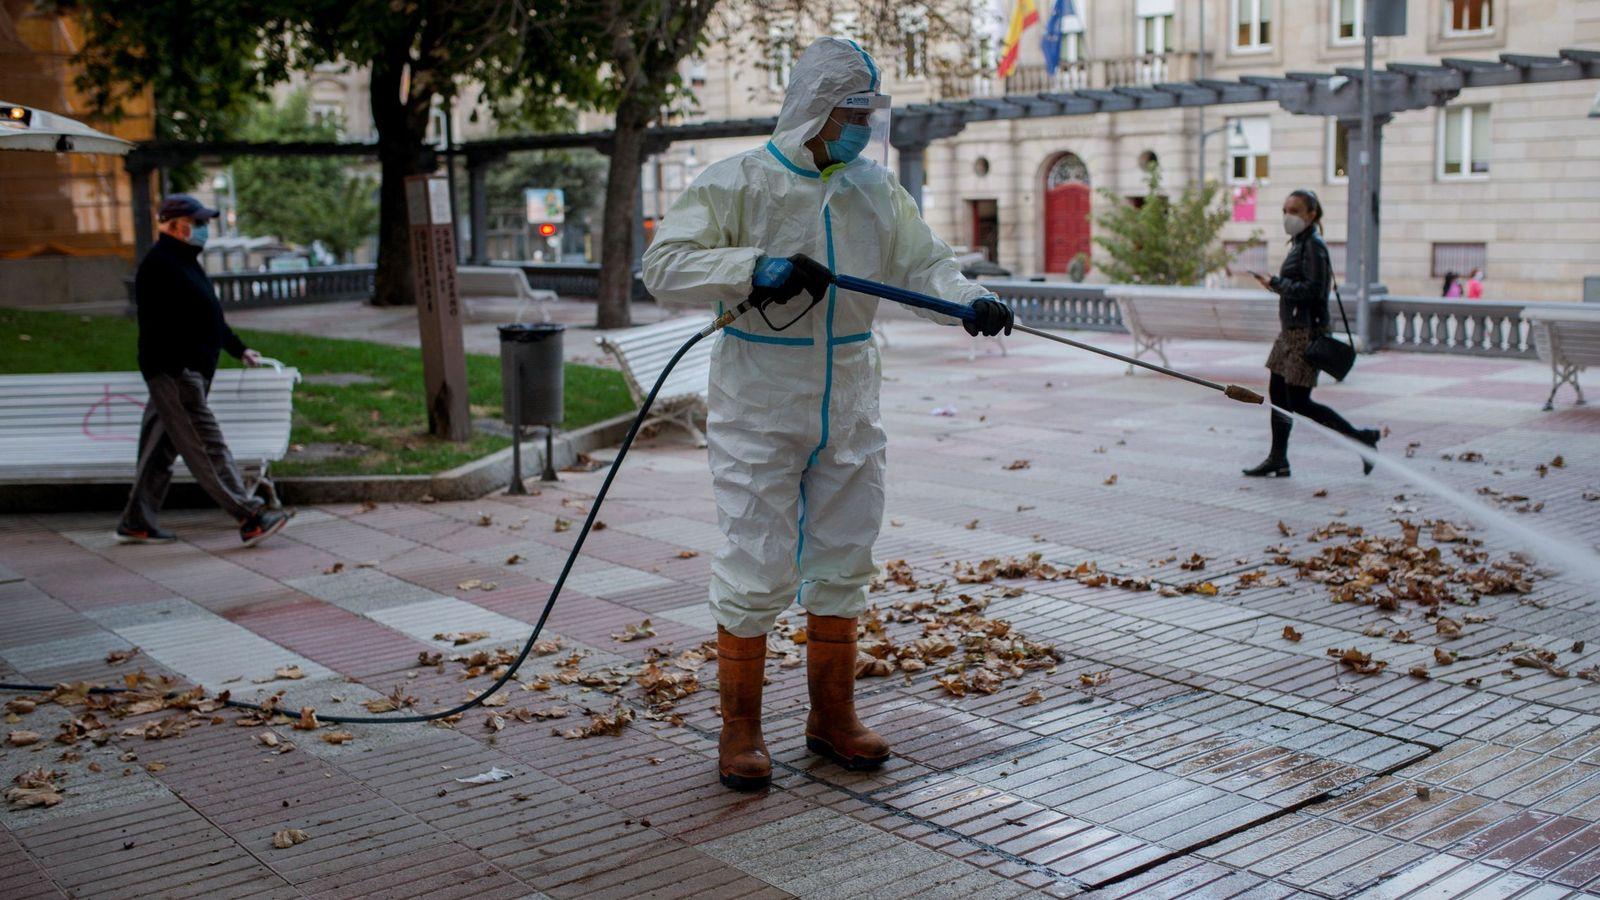 Galicia Cierra 63 Concellos Adelanta El Toque De Queda Y Limita Las Reuniones A Cuatro Personas